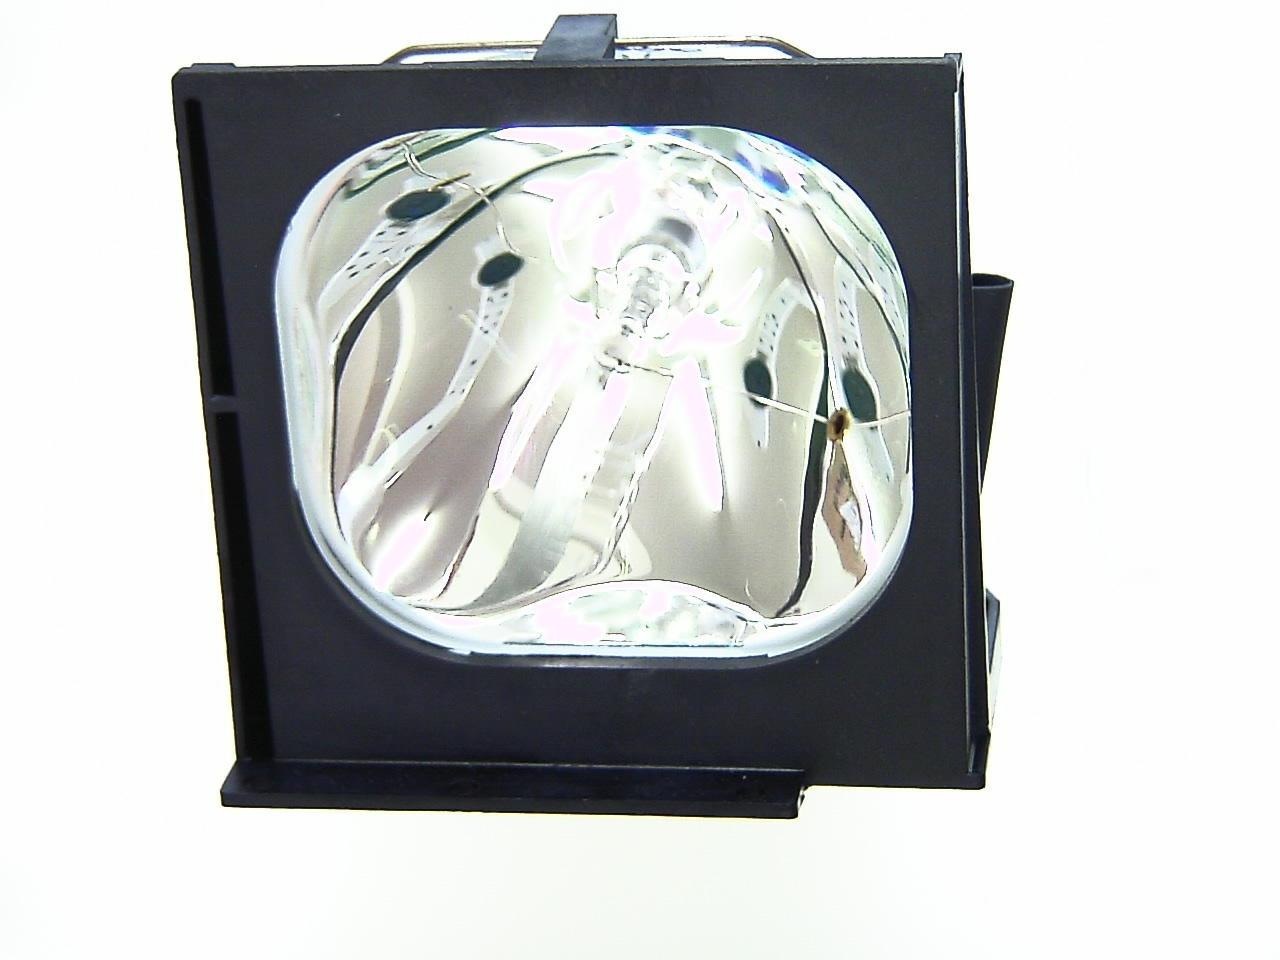 Lámpara CANON LV-5300